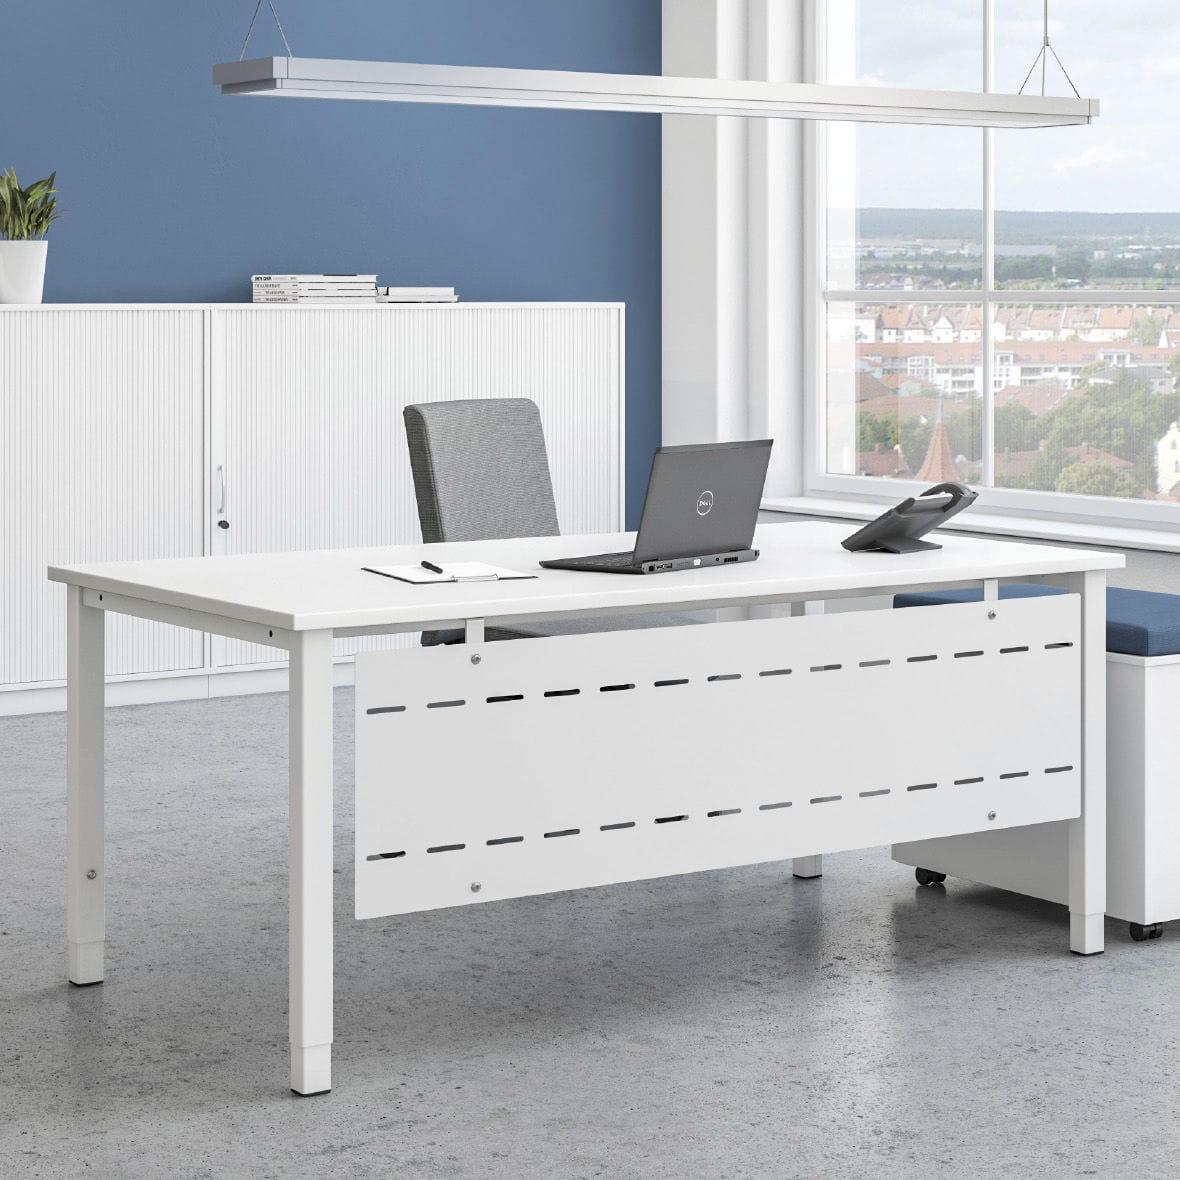 Metall-Schreibtisch / Melamin / modern / Objektmöbel - SYMPAS ...